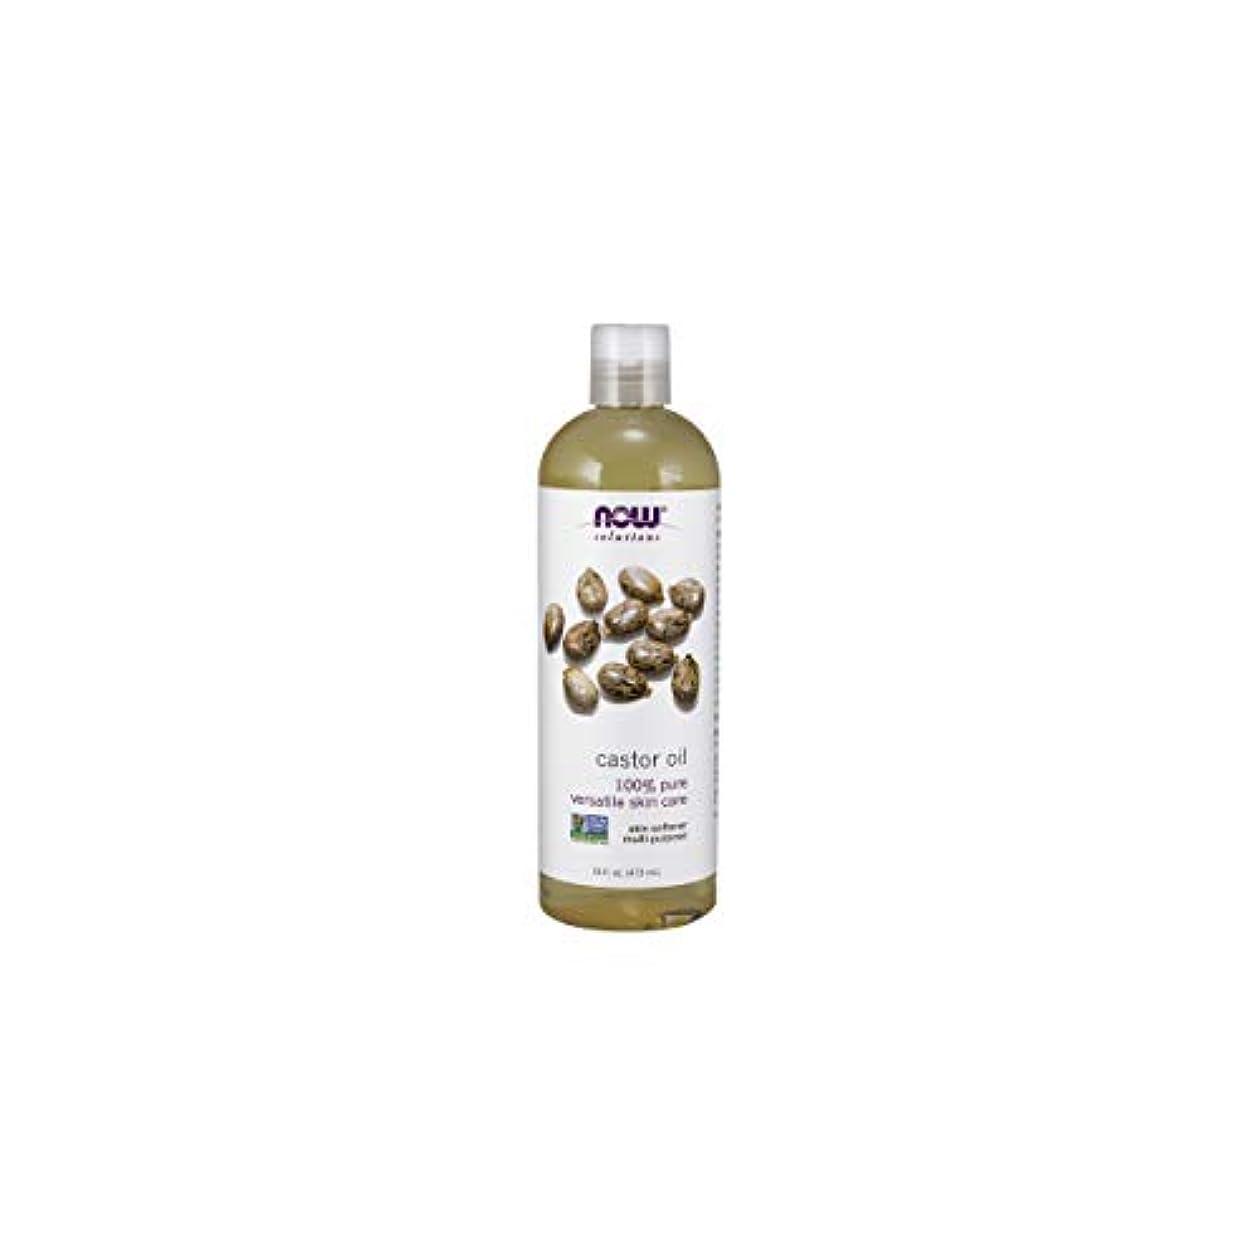 看板セールスマン減衰NOW Foods Castor Oil, Pure, 16 ounce (Pack of 2)